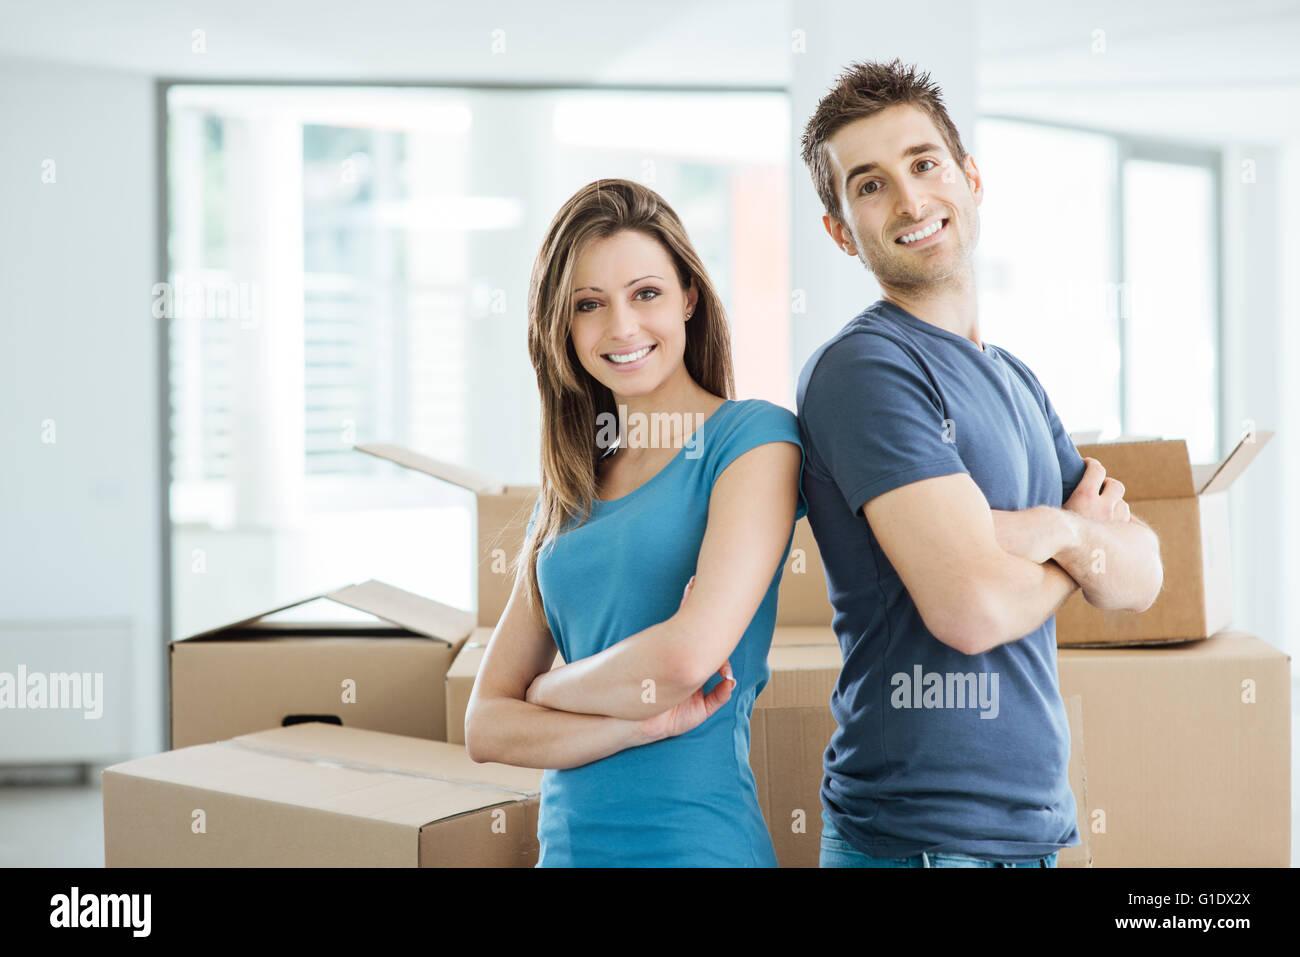 Sorridente amare giovane in posa nella loro nuova casa di schiena circondato da scatole di cartone Immagini Stock